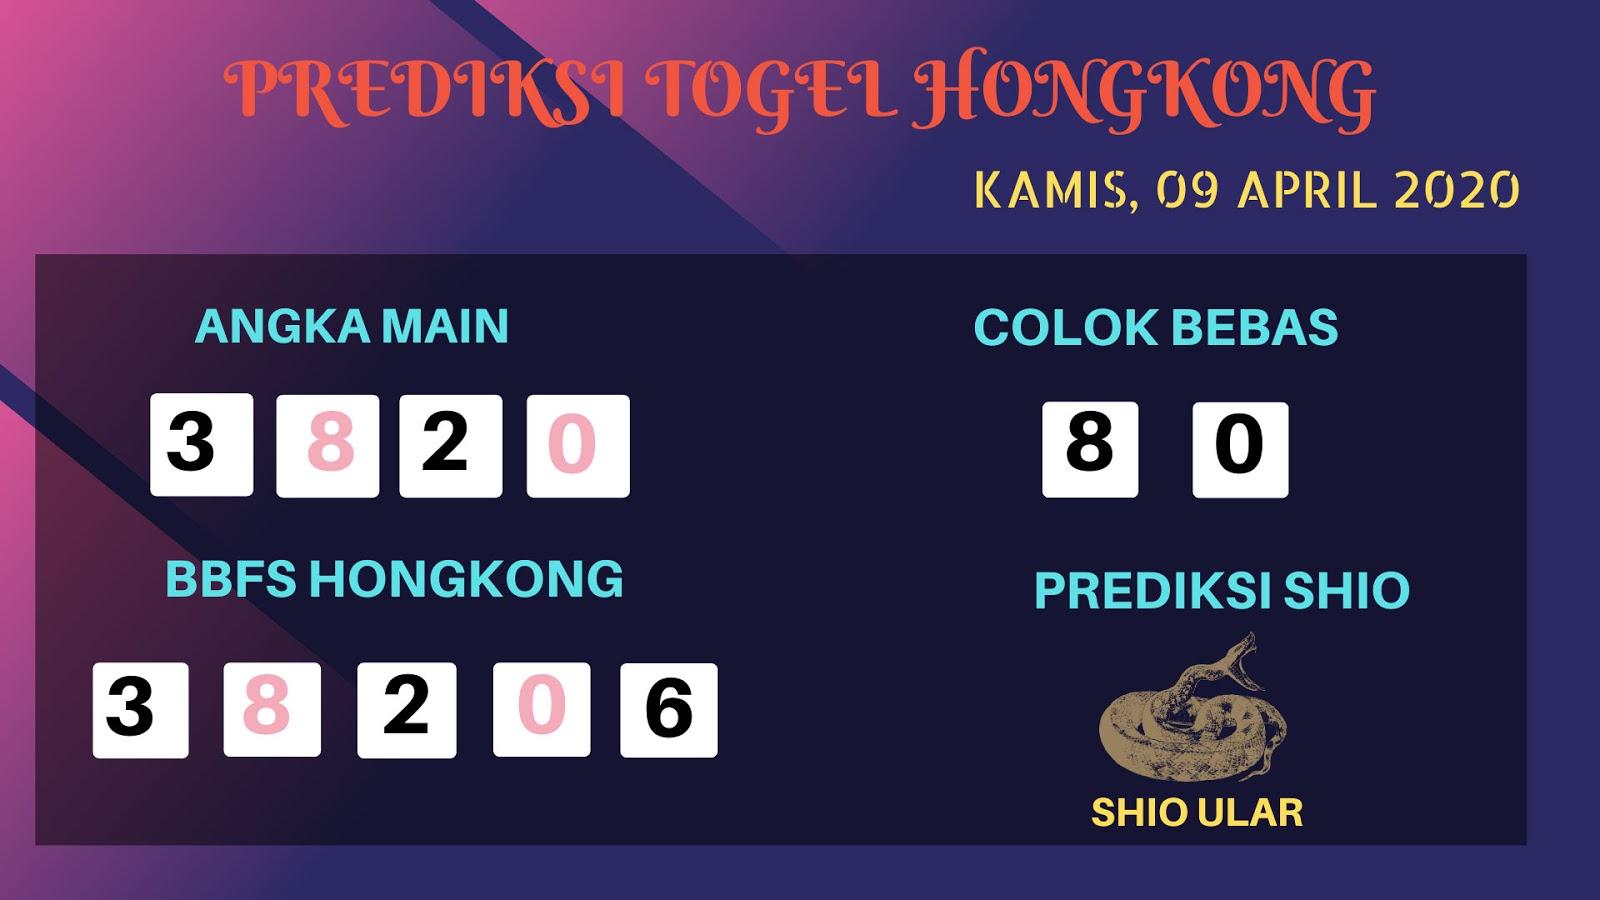 Prediksi HK Malam Ini Kamis 09 April 2020 - Prediksi Angka Hongkong